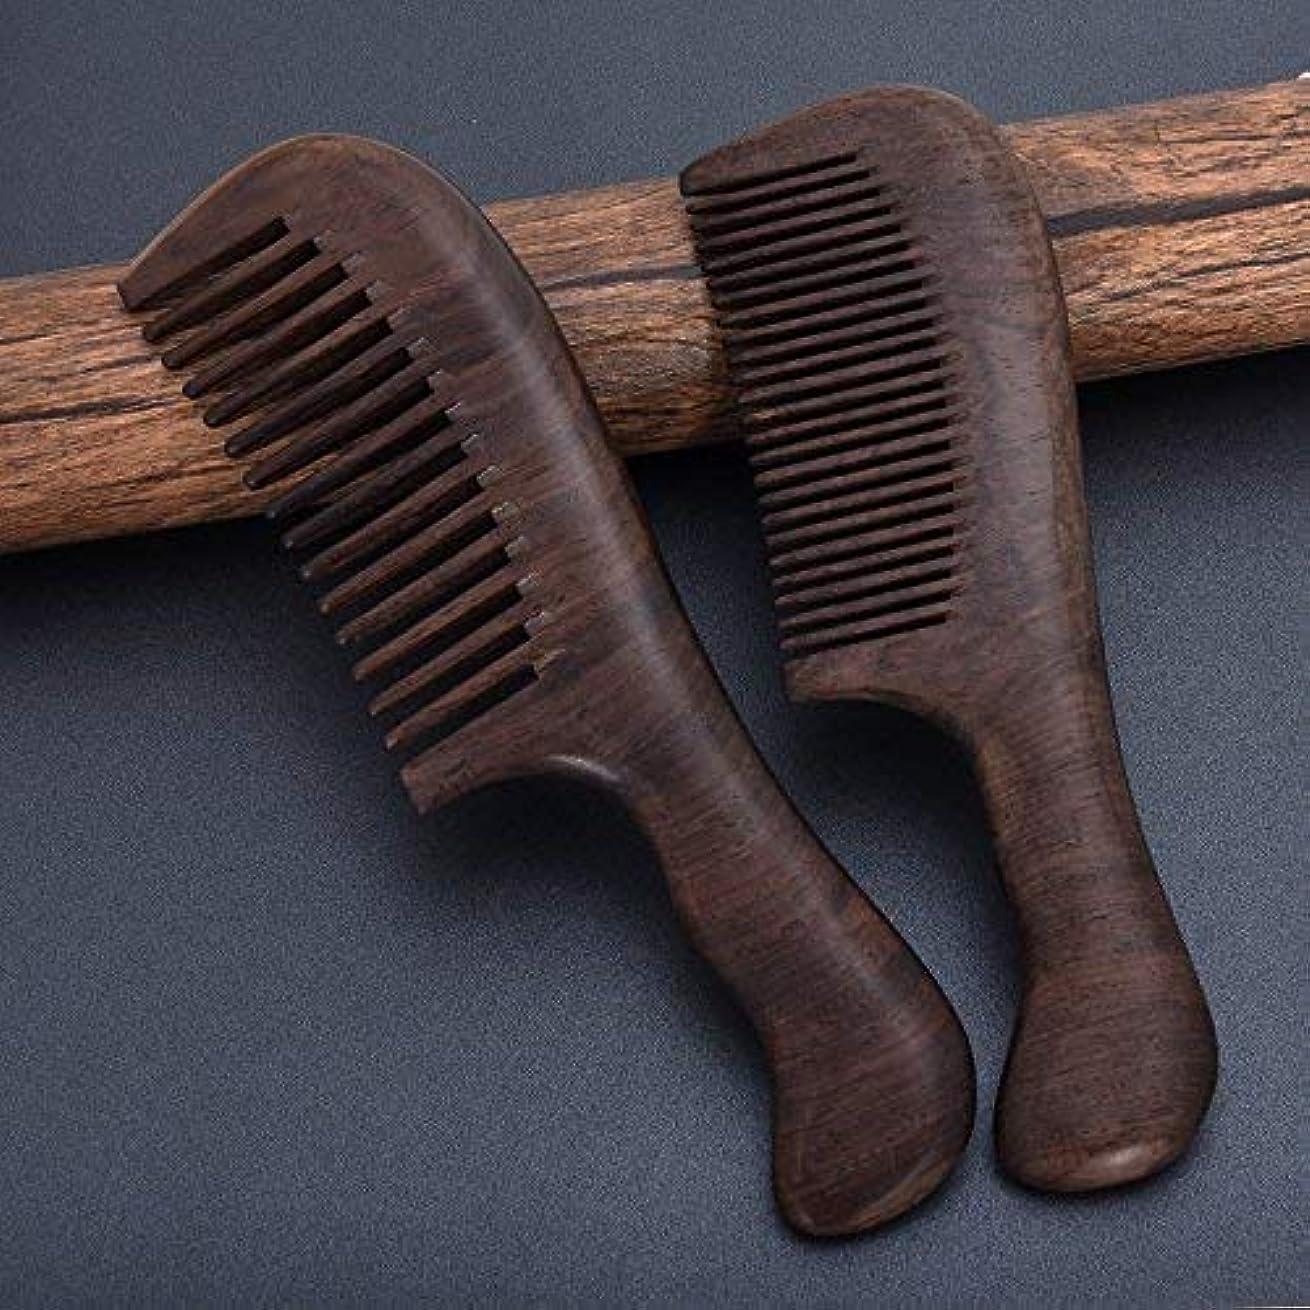 アルファベット順受取人提案するBlack Sandalwood Hair Comb, Pack of 2 Anti-static 8 inches Wooden Comb Set with Natural Aroma, A Standard Comb and A Wide Teeth Comb [並行輸入品]